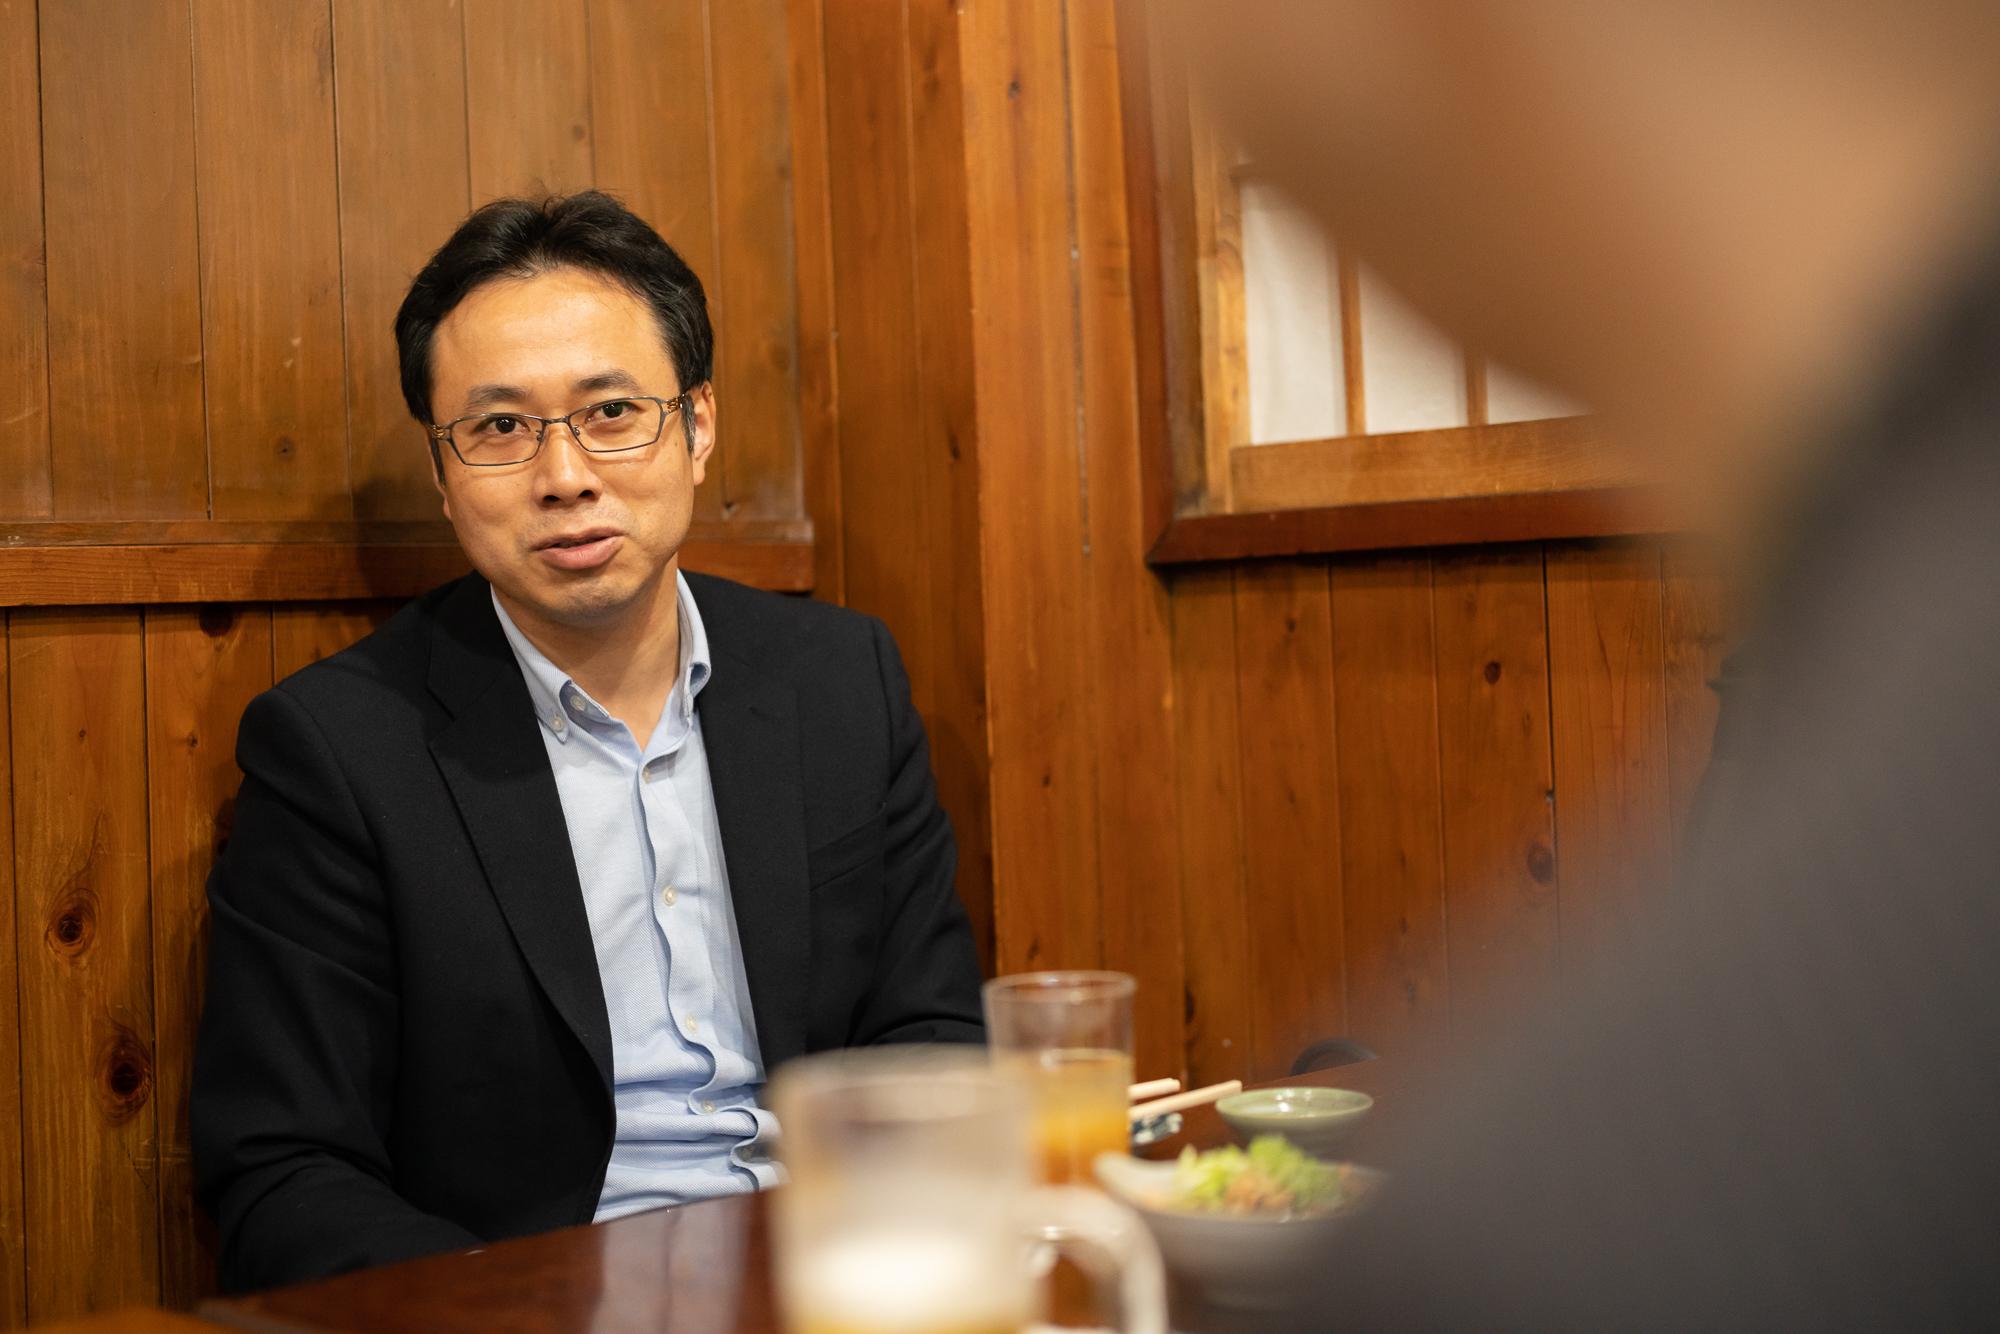 1839年創業、葛西屋商店の7代目となる中山晃一さん。